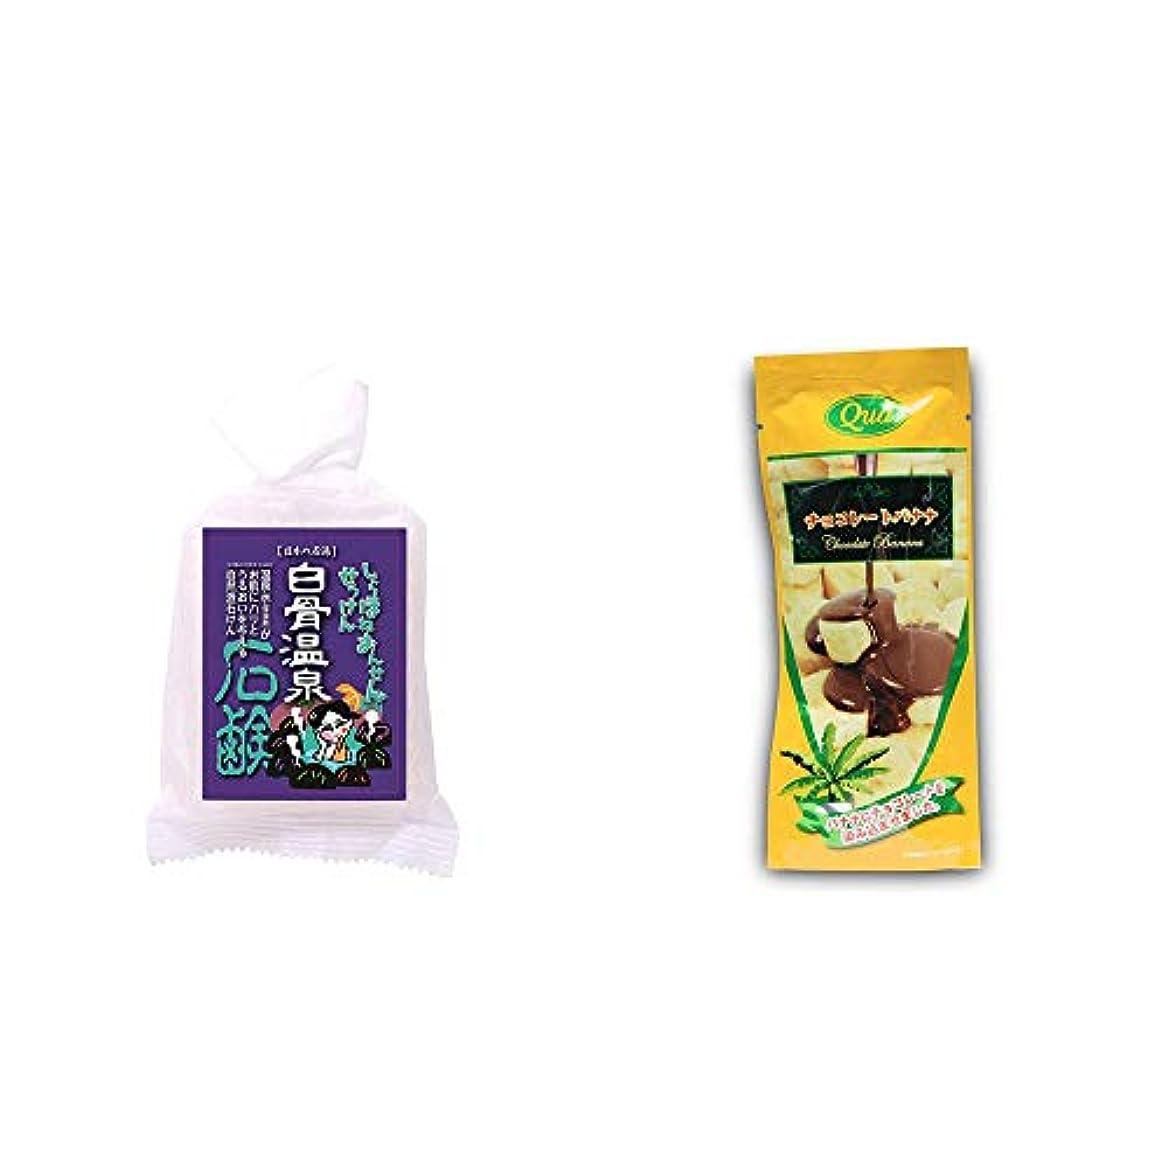 ペダル歴史魚[2点セット] 信州 白骨温泉石鹸(80g)?フリーズドライ チョコレートバナナ(50g)